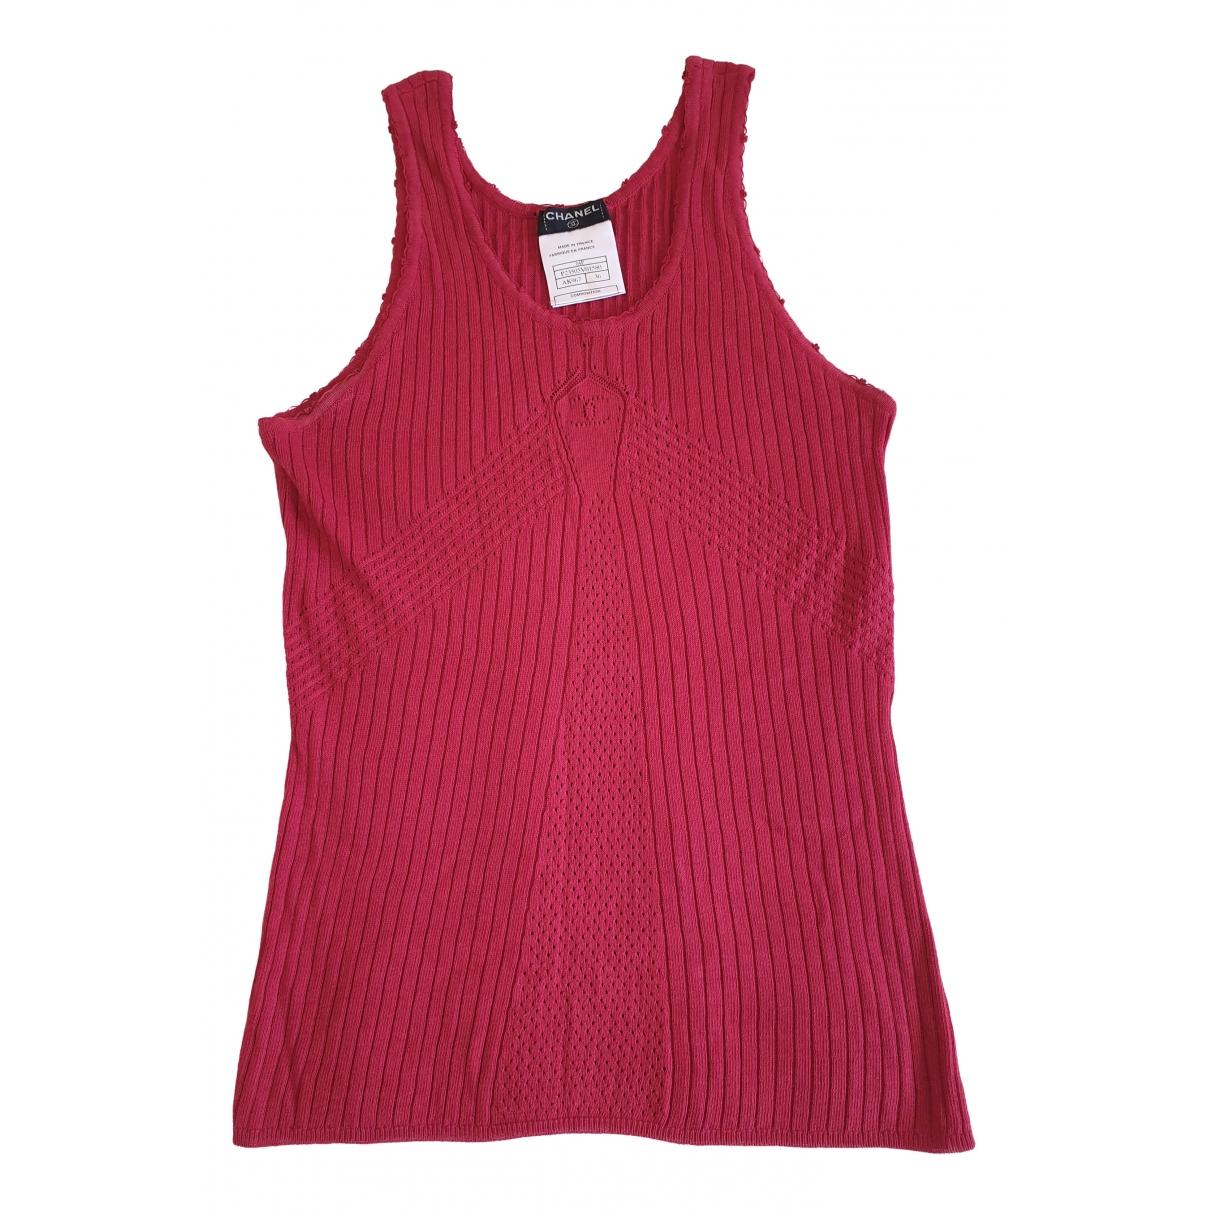 Chanel - Top   pour femme en coton - rouge